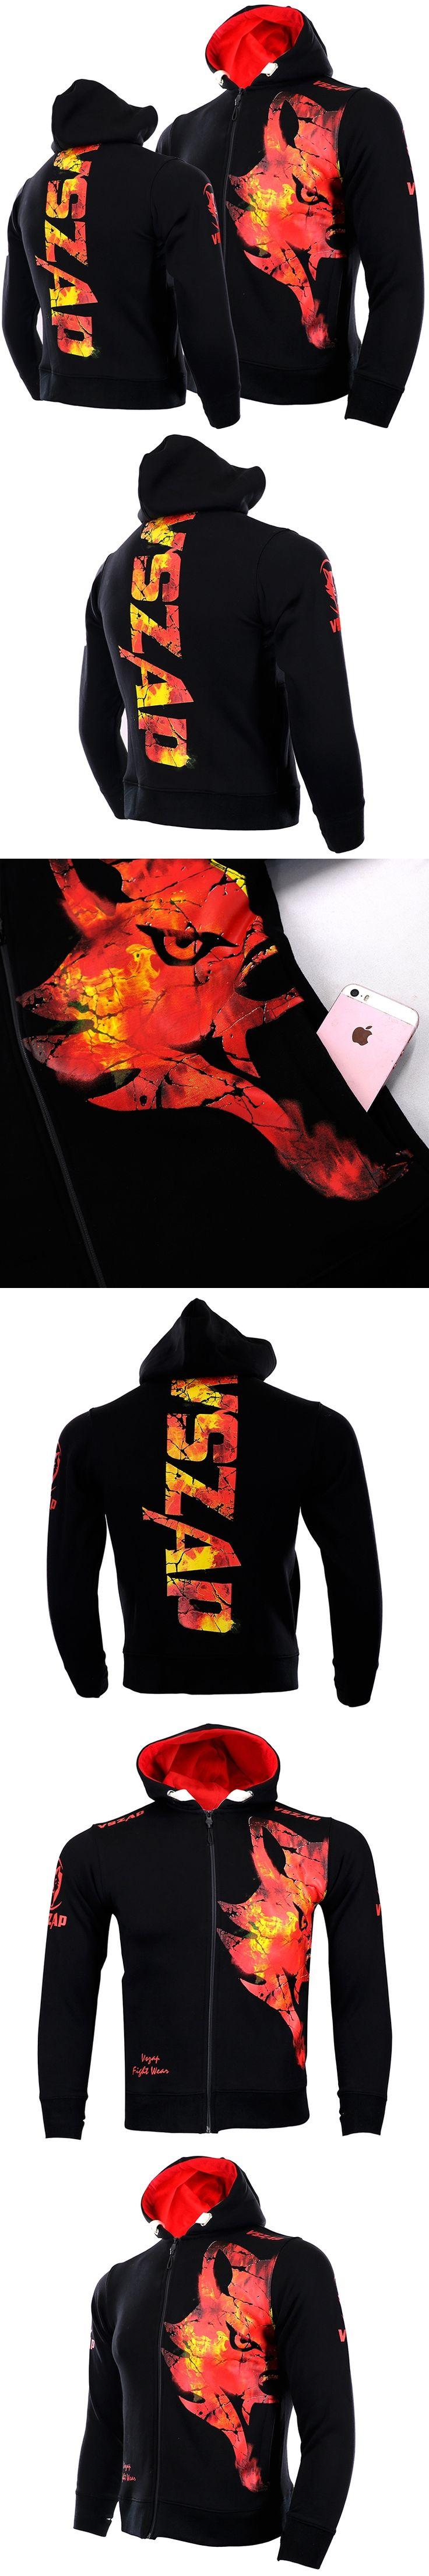 Men's Hoodie Jacket MMA Long Sleeve Fight VSZAP Genuine mma Fighting Fitness Warming Sportswear 2017new